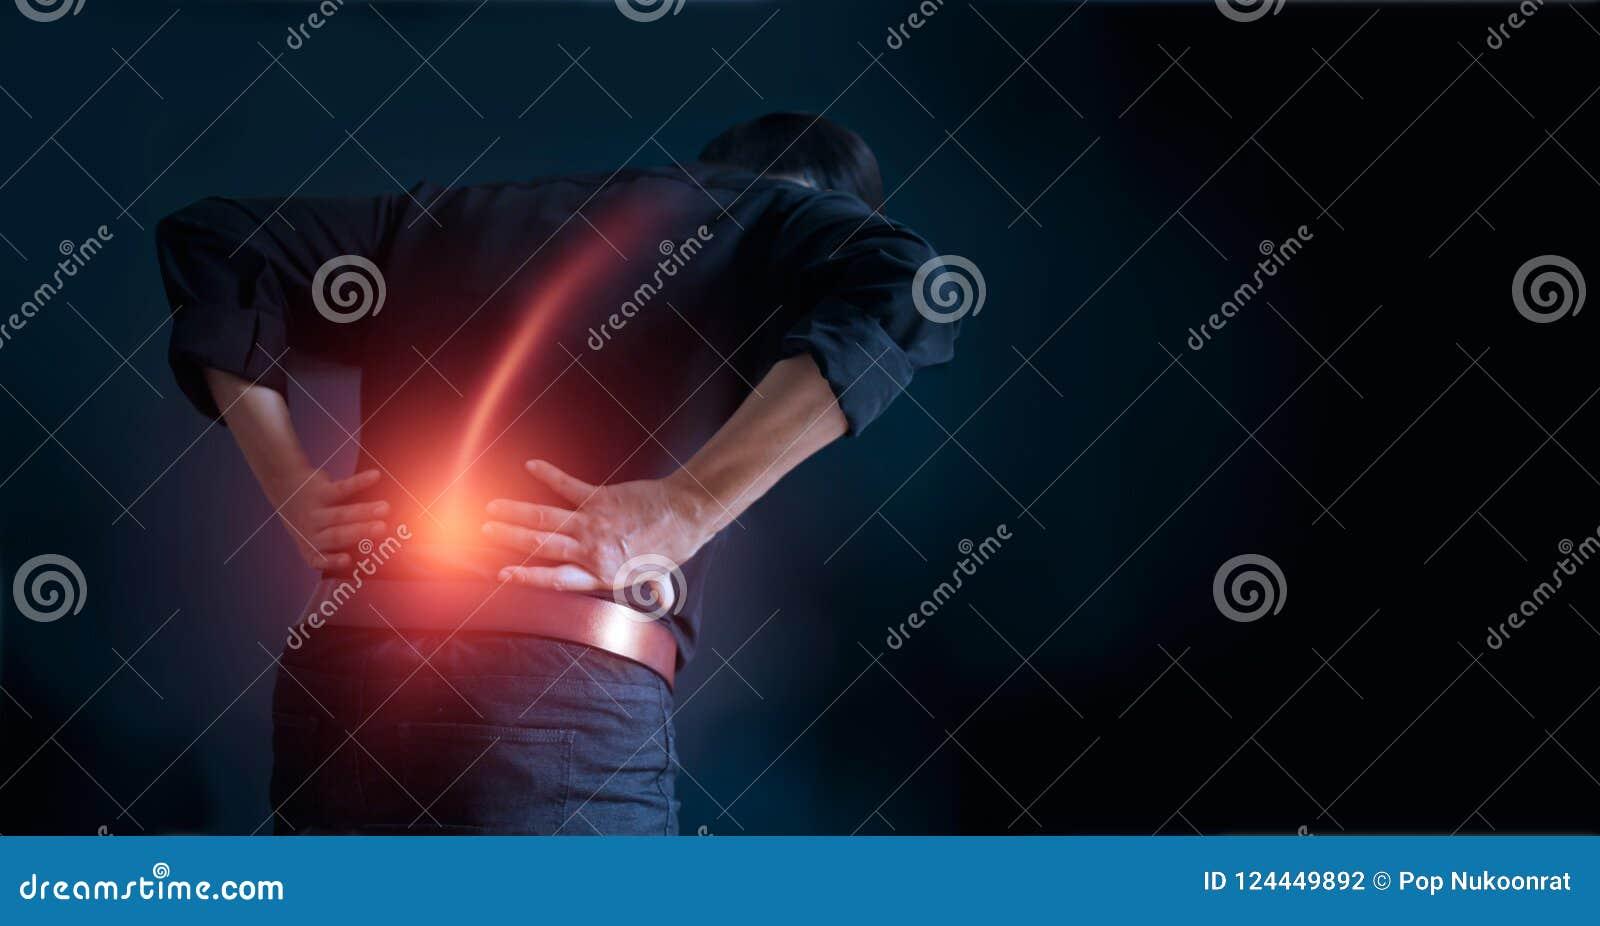 遭受办公室综合症状,他的接触在更加低后的手的背部疼痛原因的人 医疗和heathcare概念